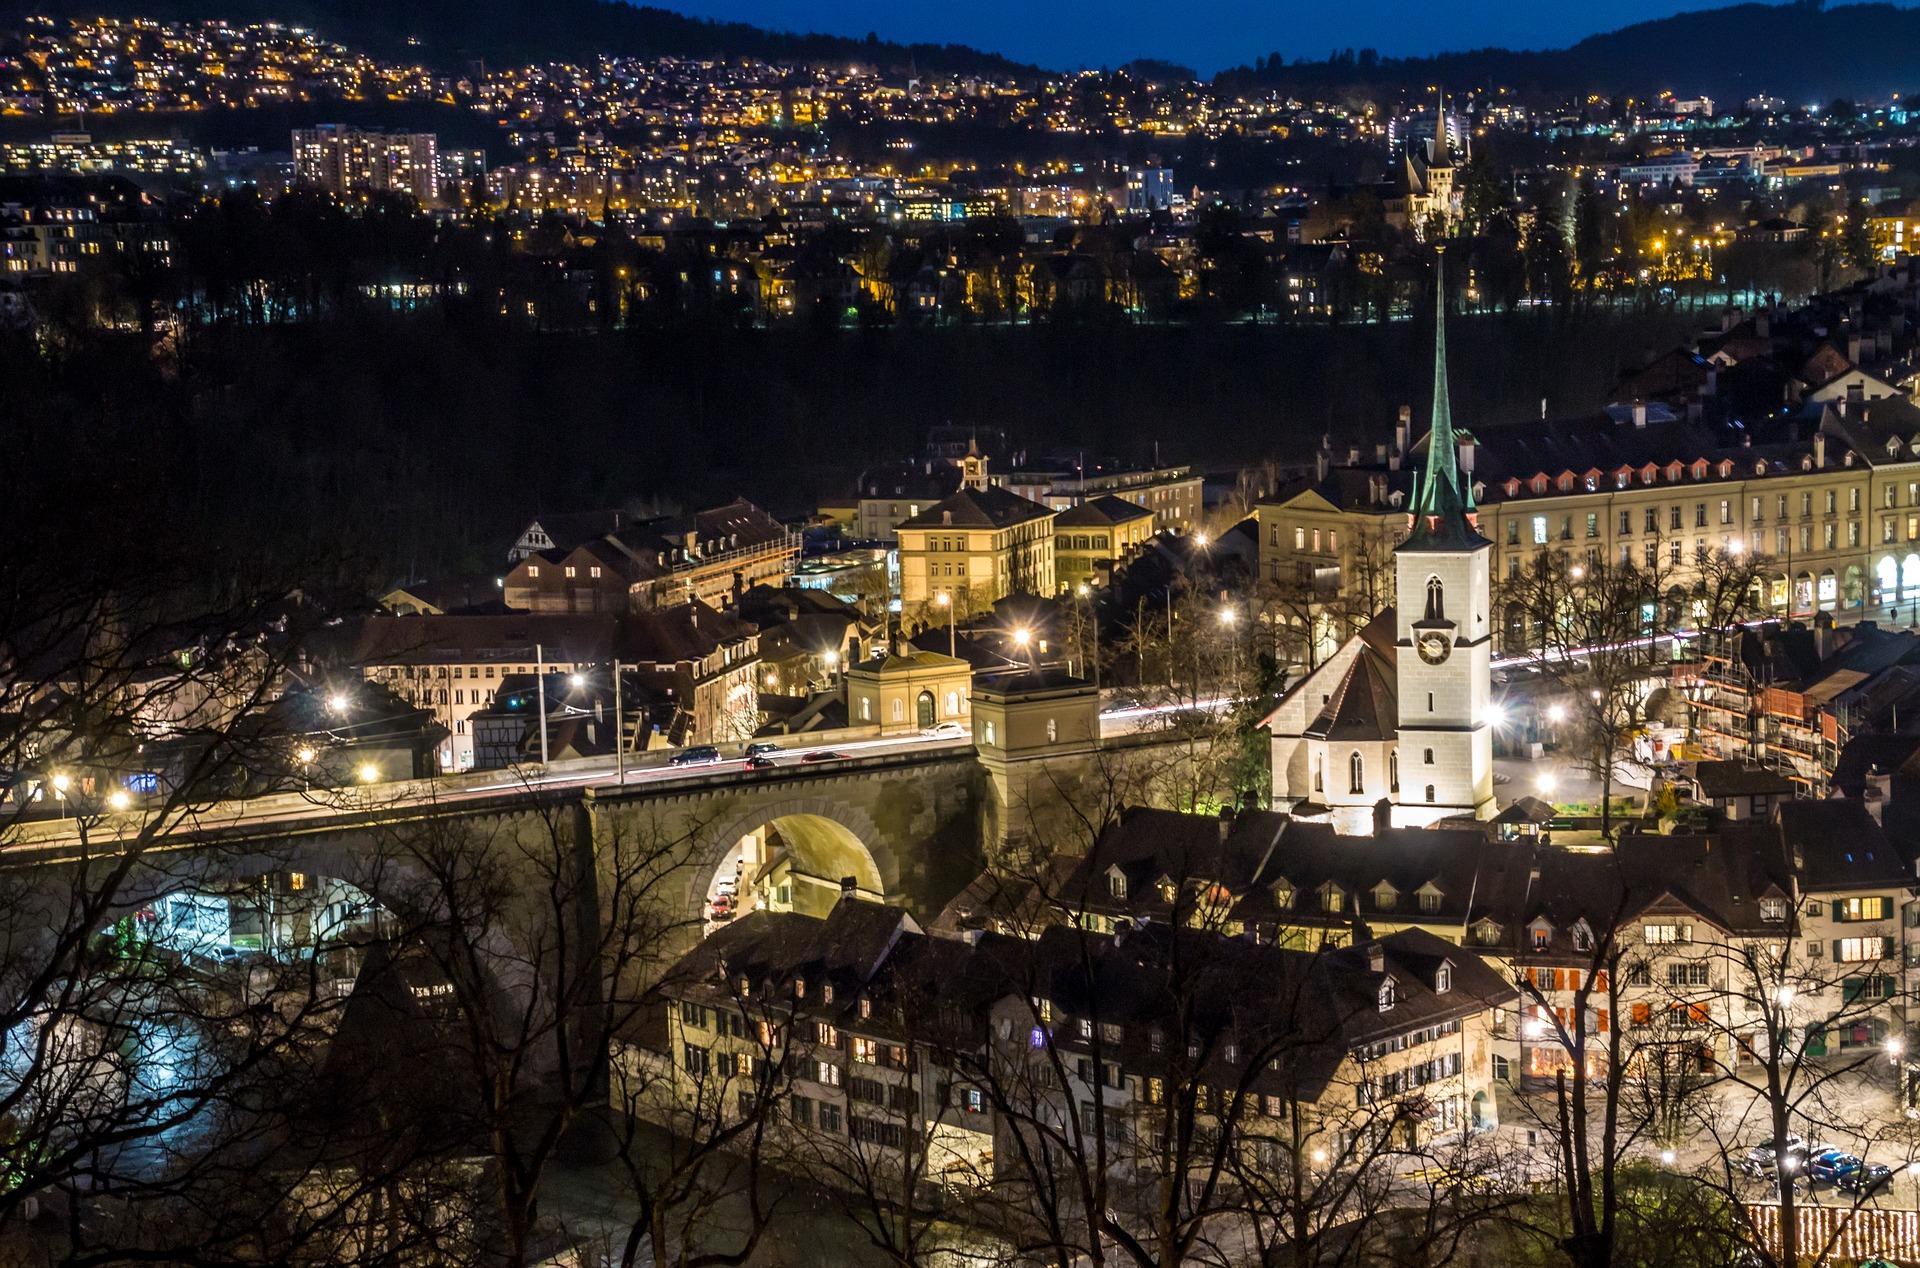 Bern, Switzerland at night